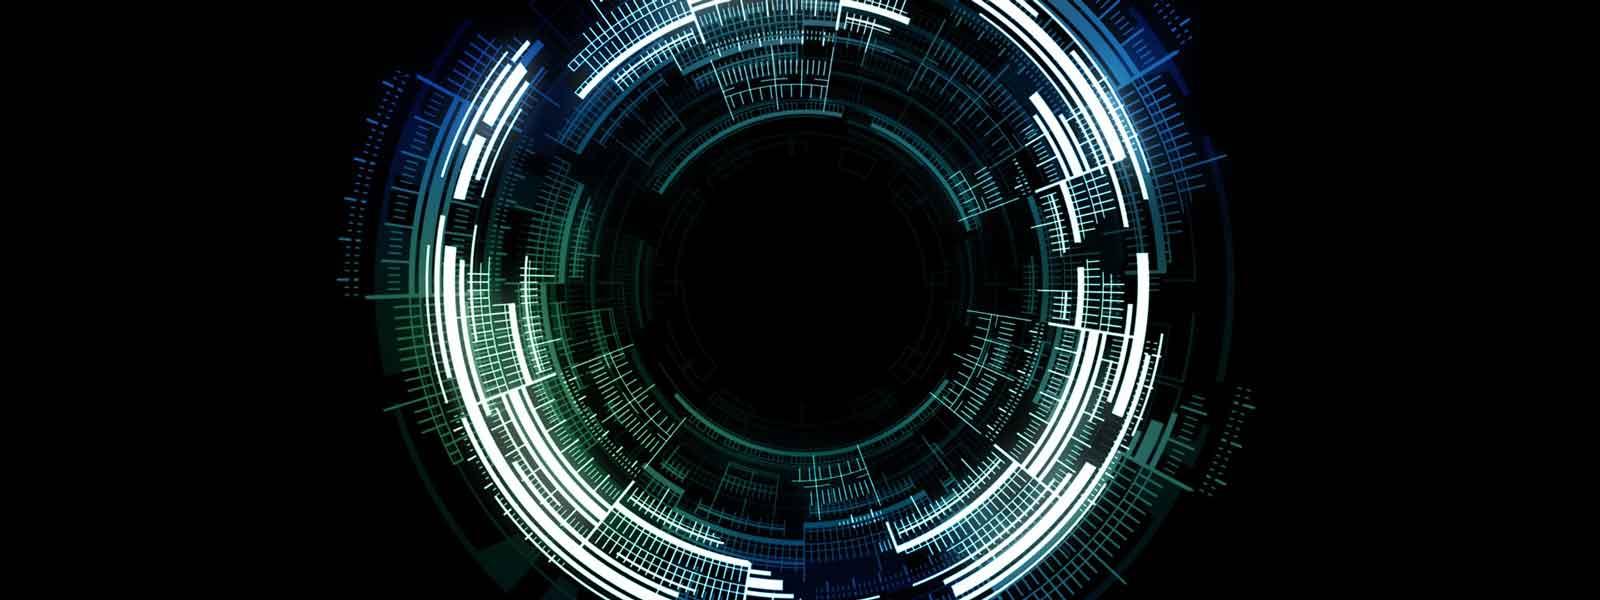 Grafische voorstelling van gekleurde ringen tegen een zwarte achtergrond.